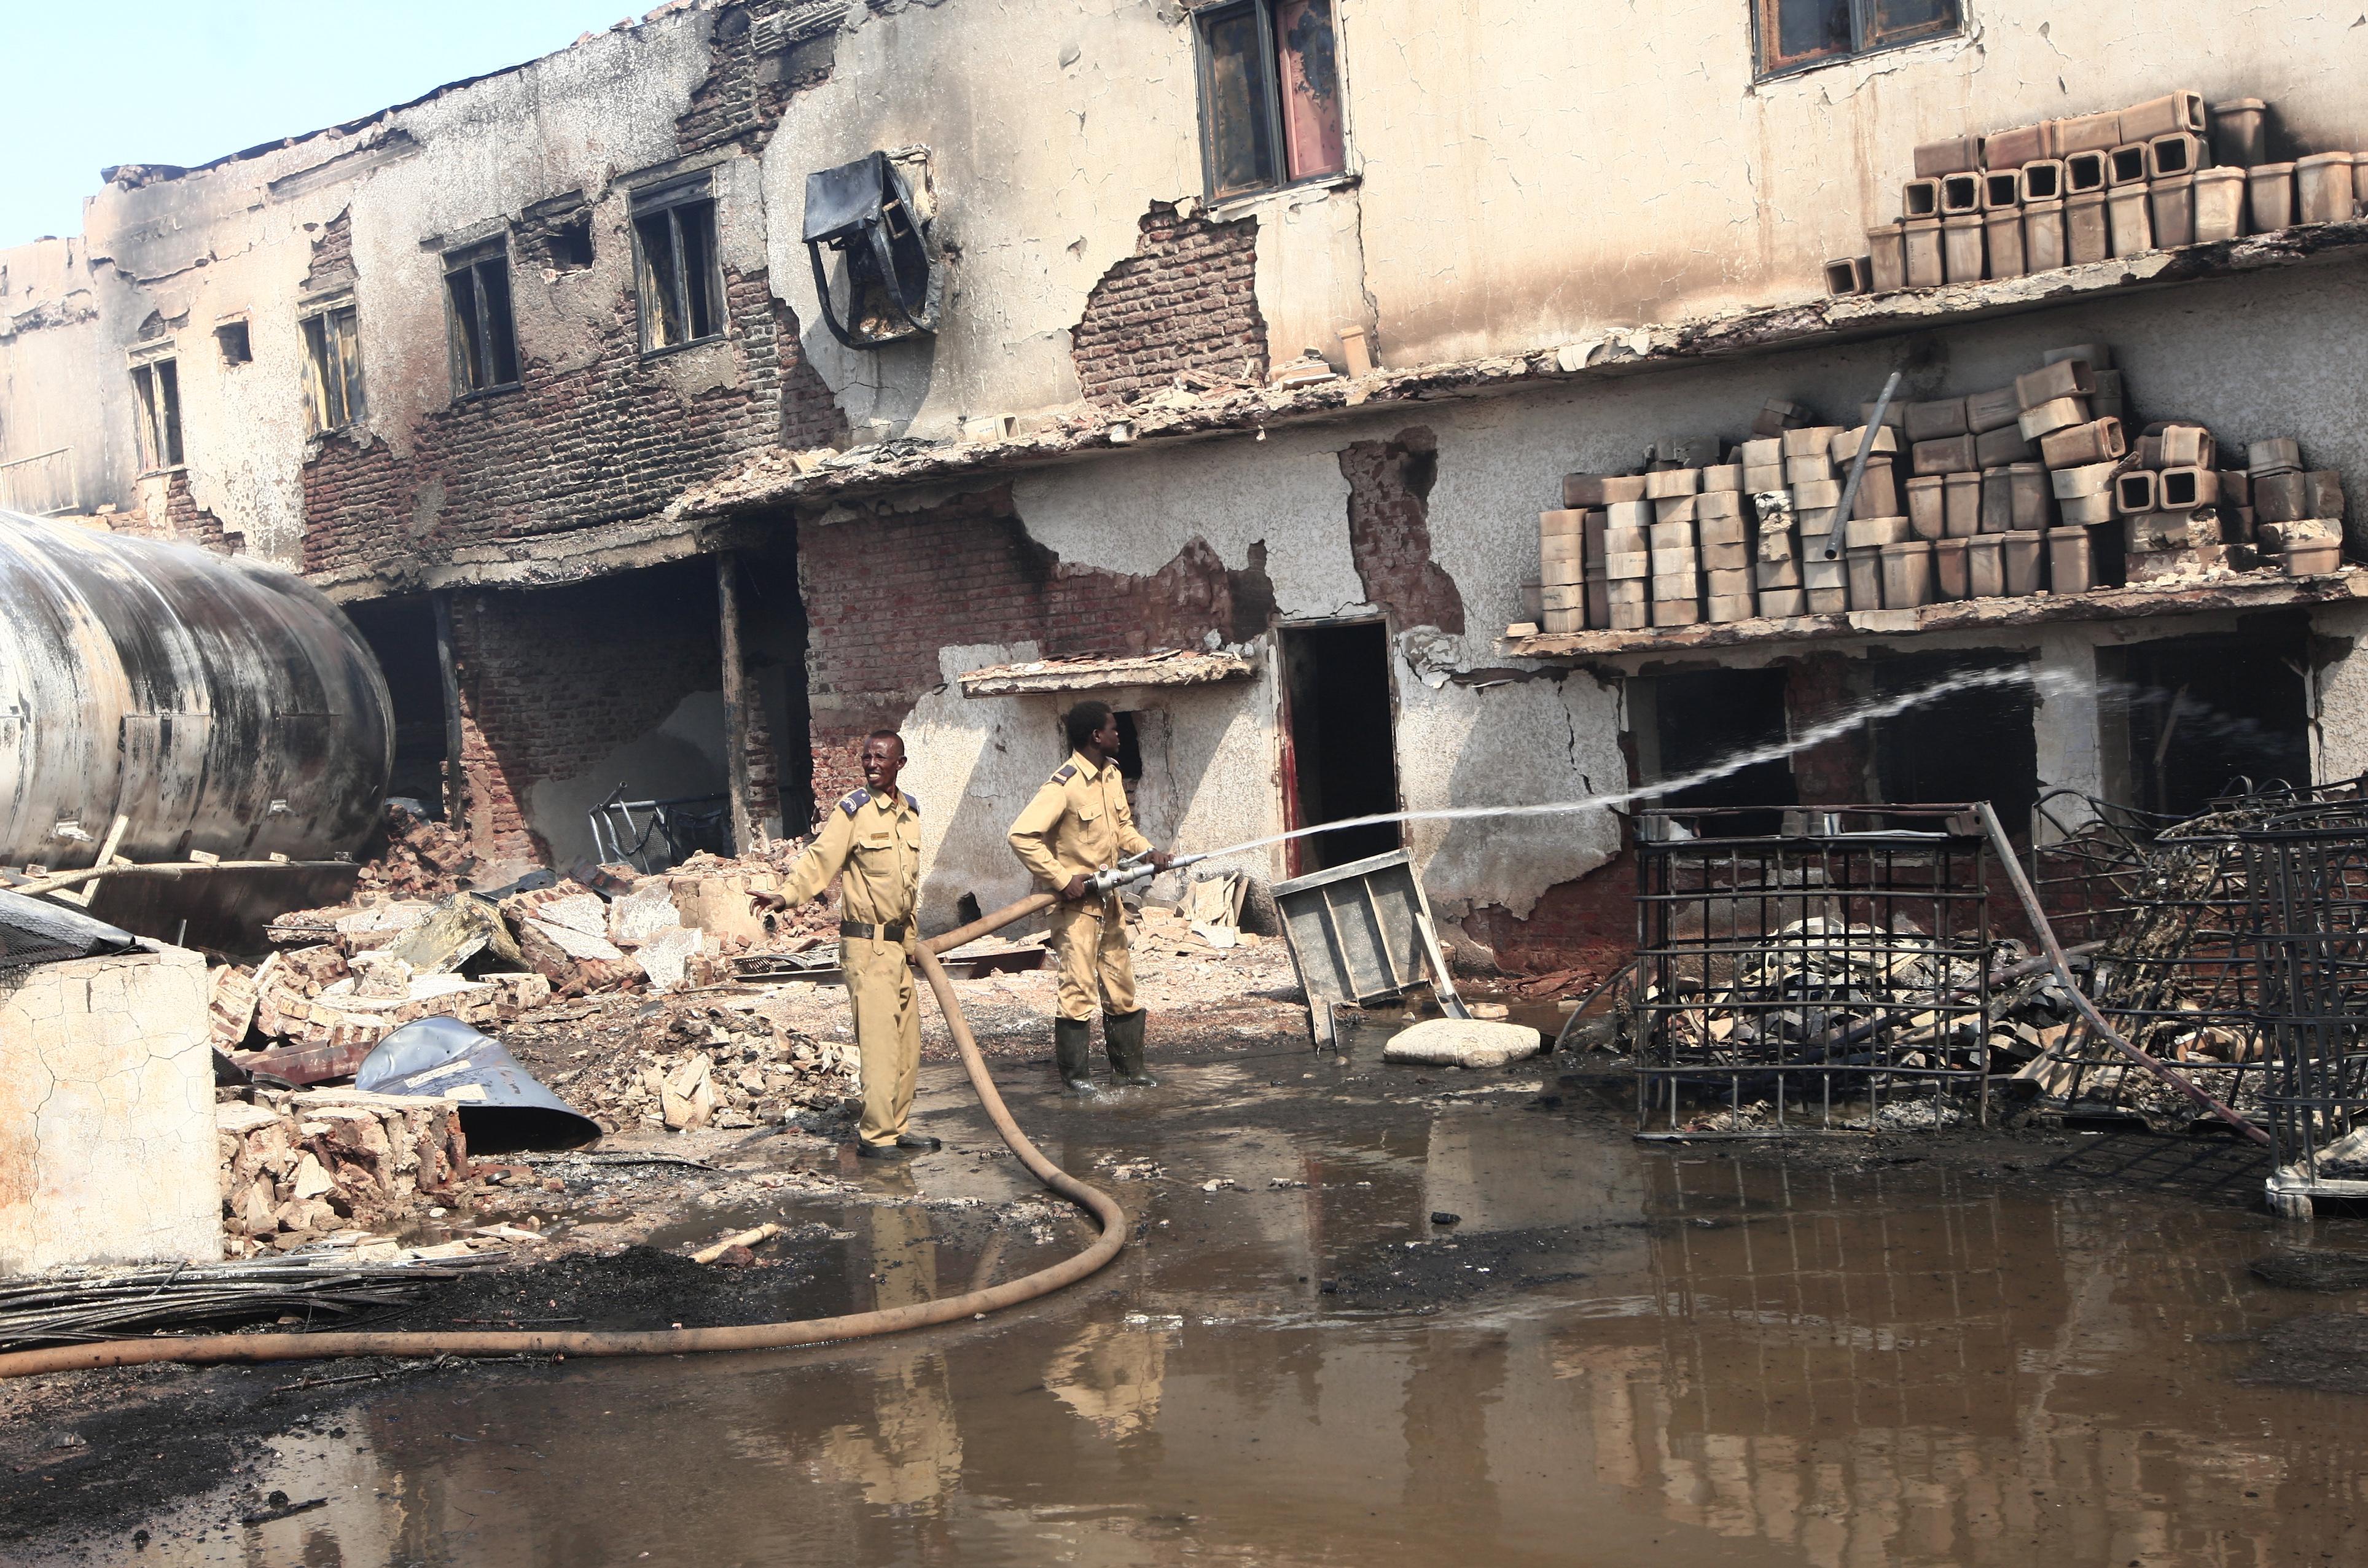 قوات الدفاع المدني تحاول إخماد النيران في مصنع للسيراميك بالمنطقة الصناعية شمال العاصمة السودانية الخرطوم